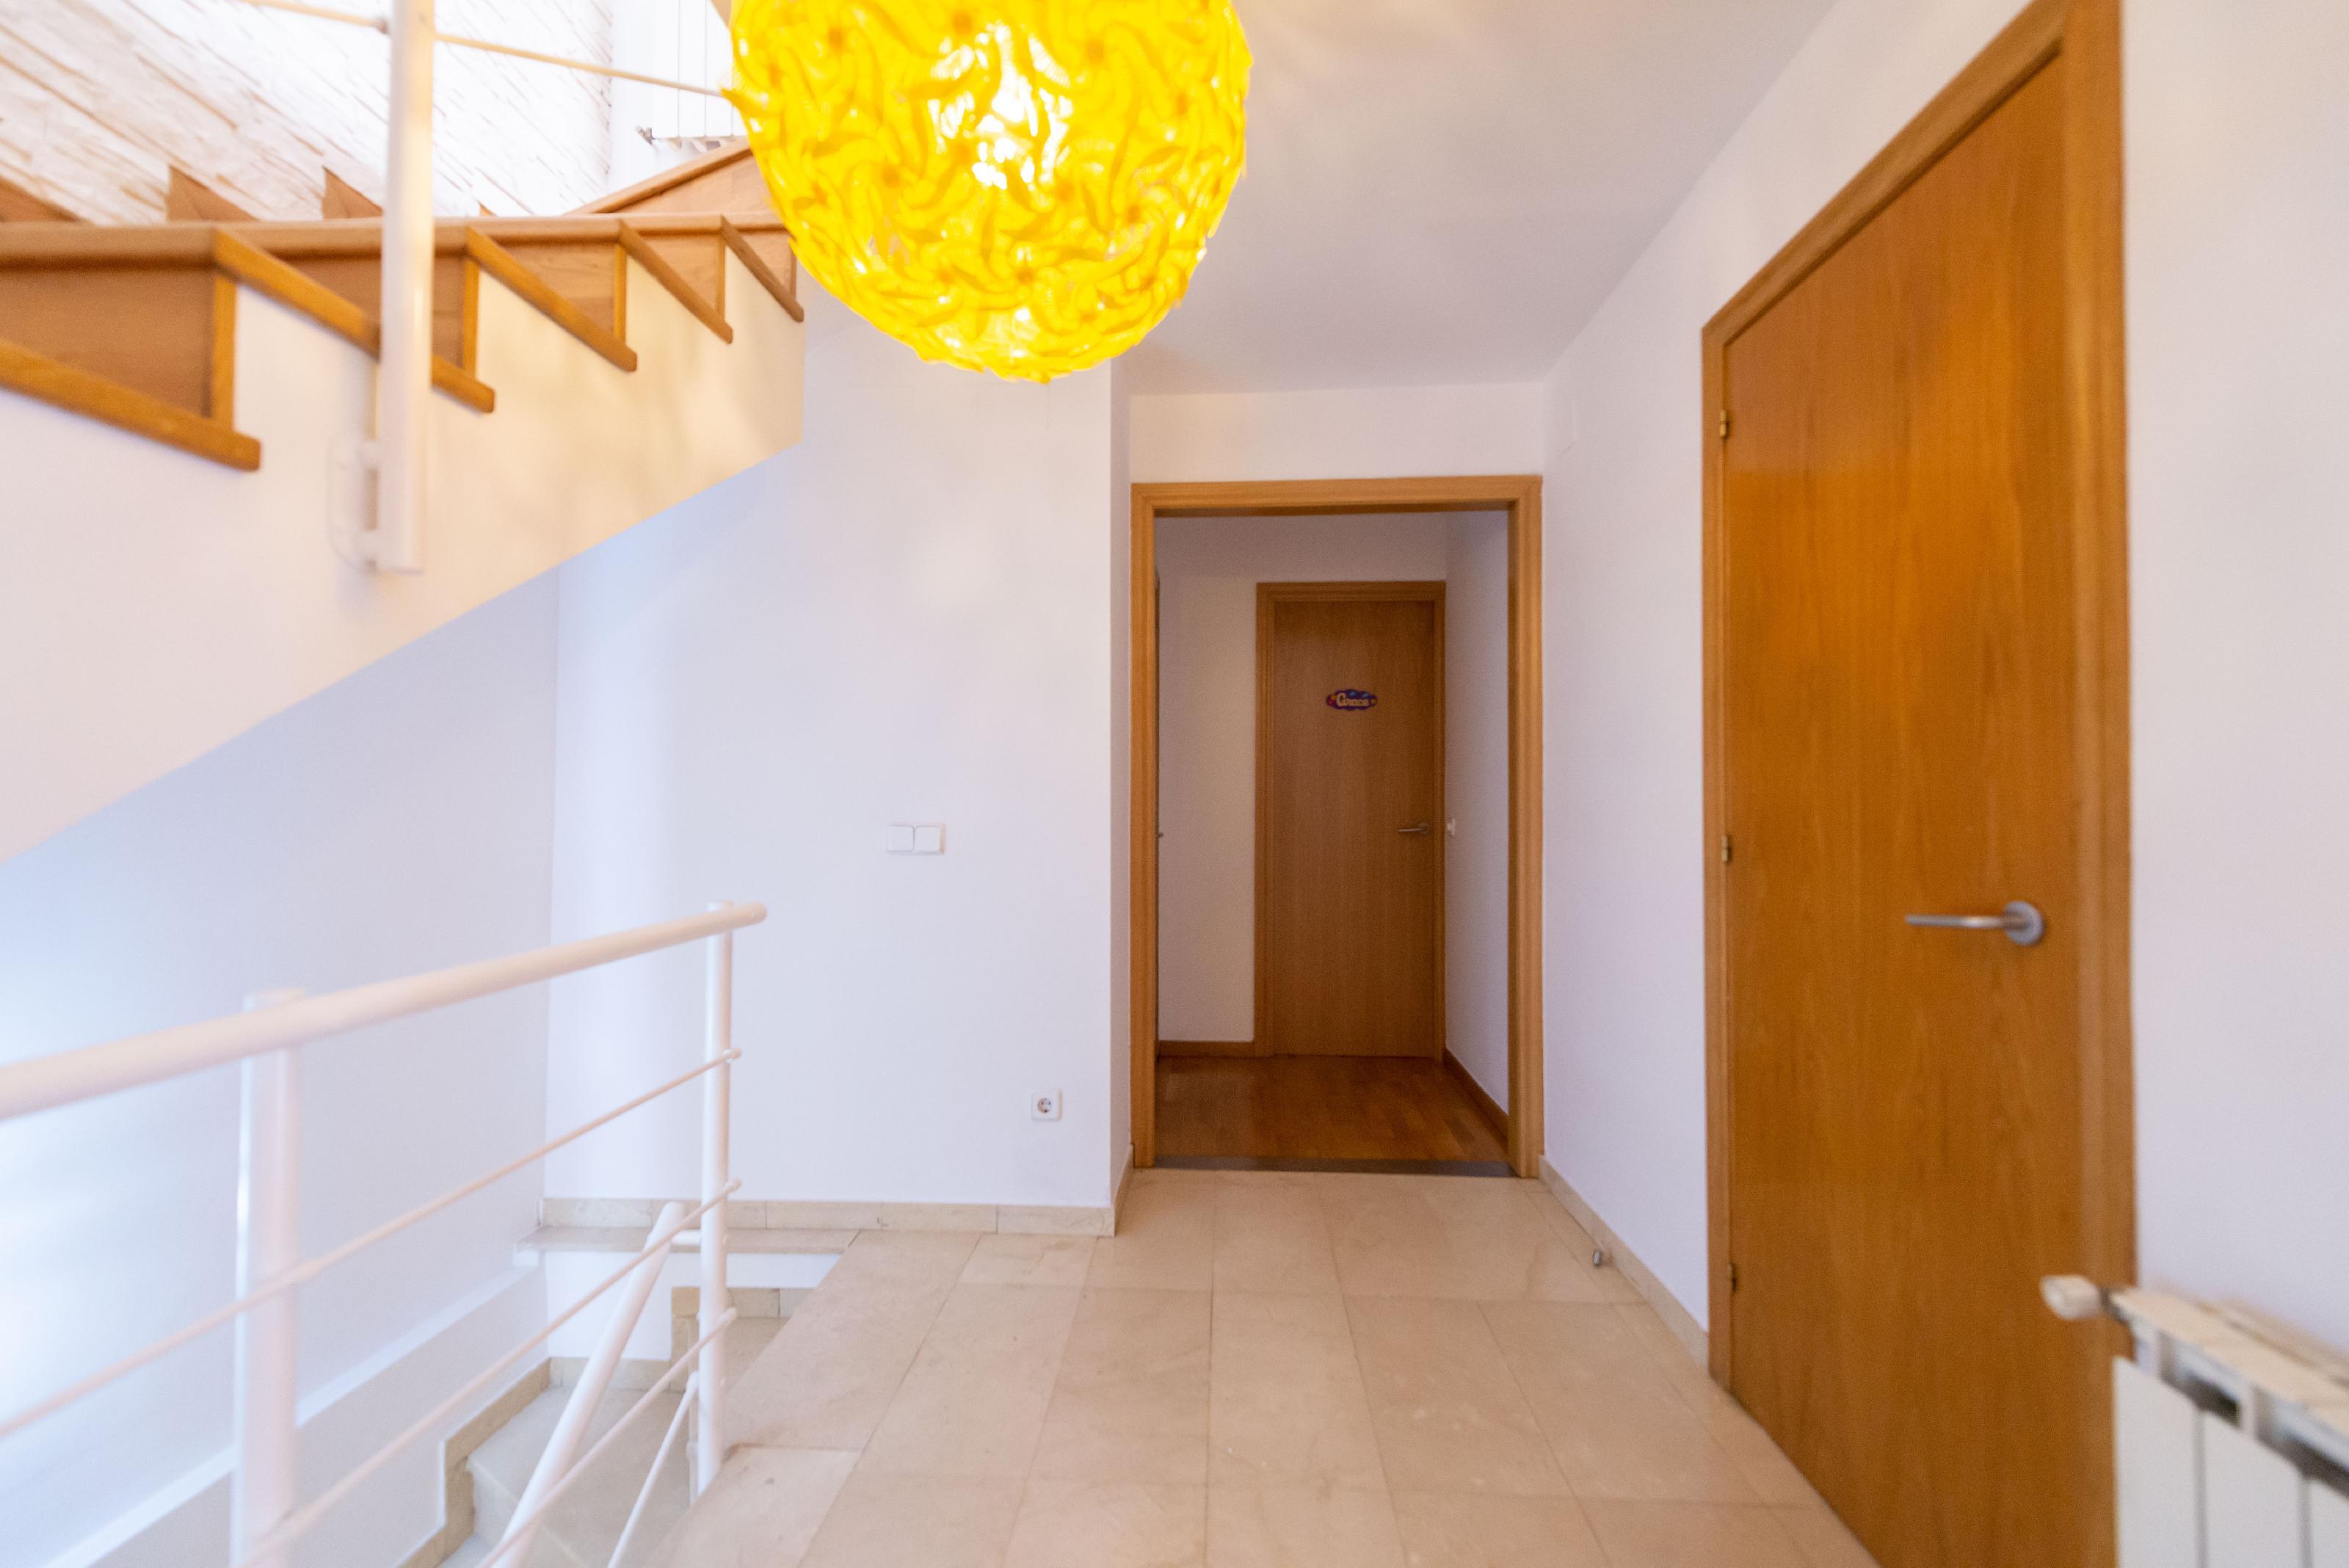 249634 House for sale in Gràcia, Vila de Gràcia 33